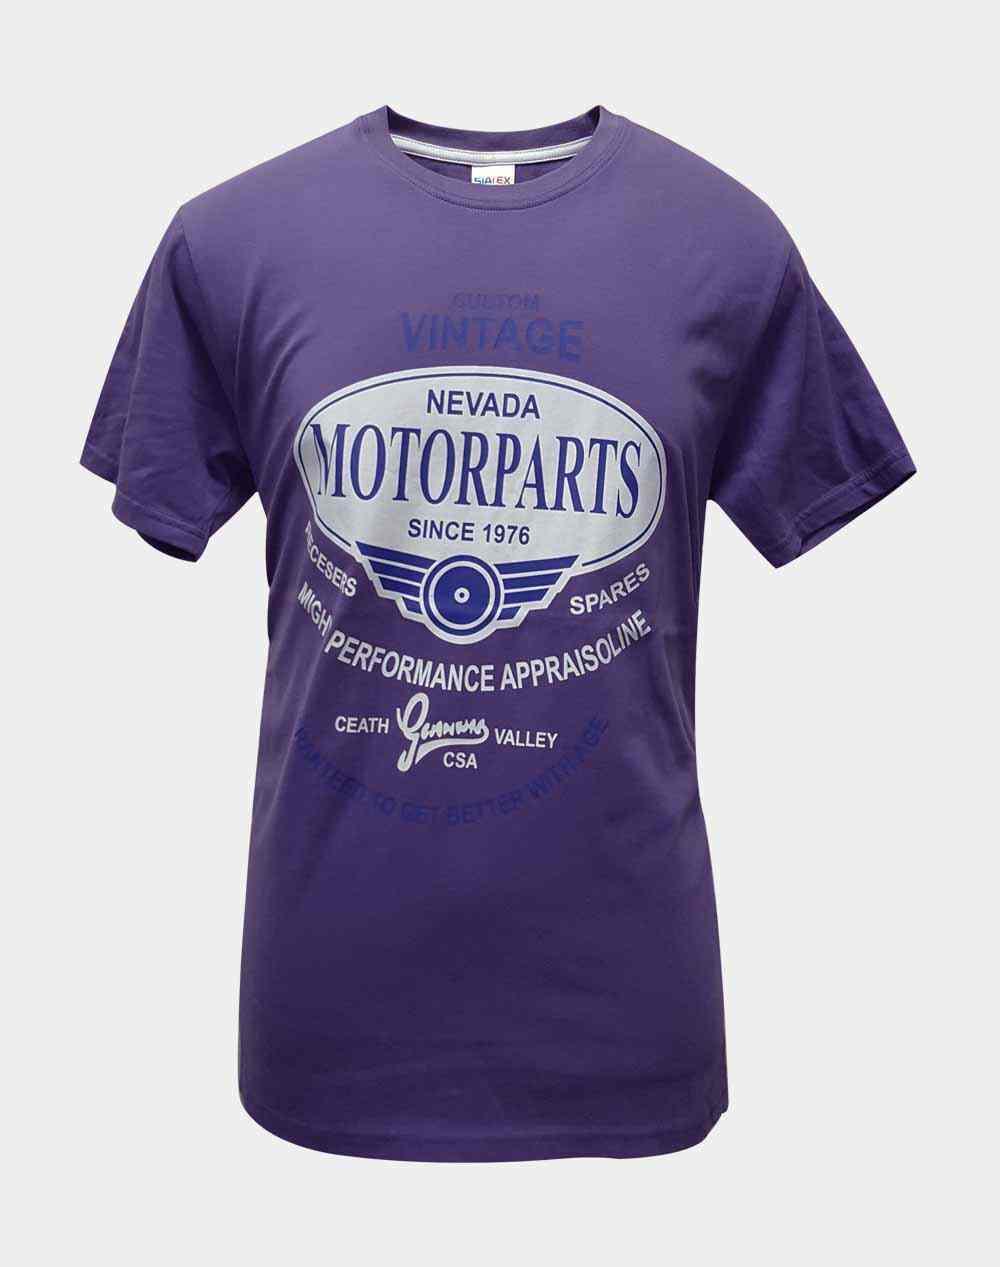 t-shirt manufacturers, t-shirt exporter, t-shirt supplier, t-shirt factory